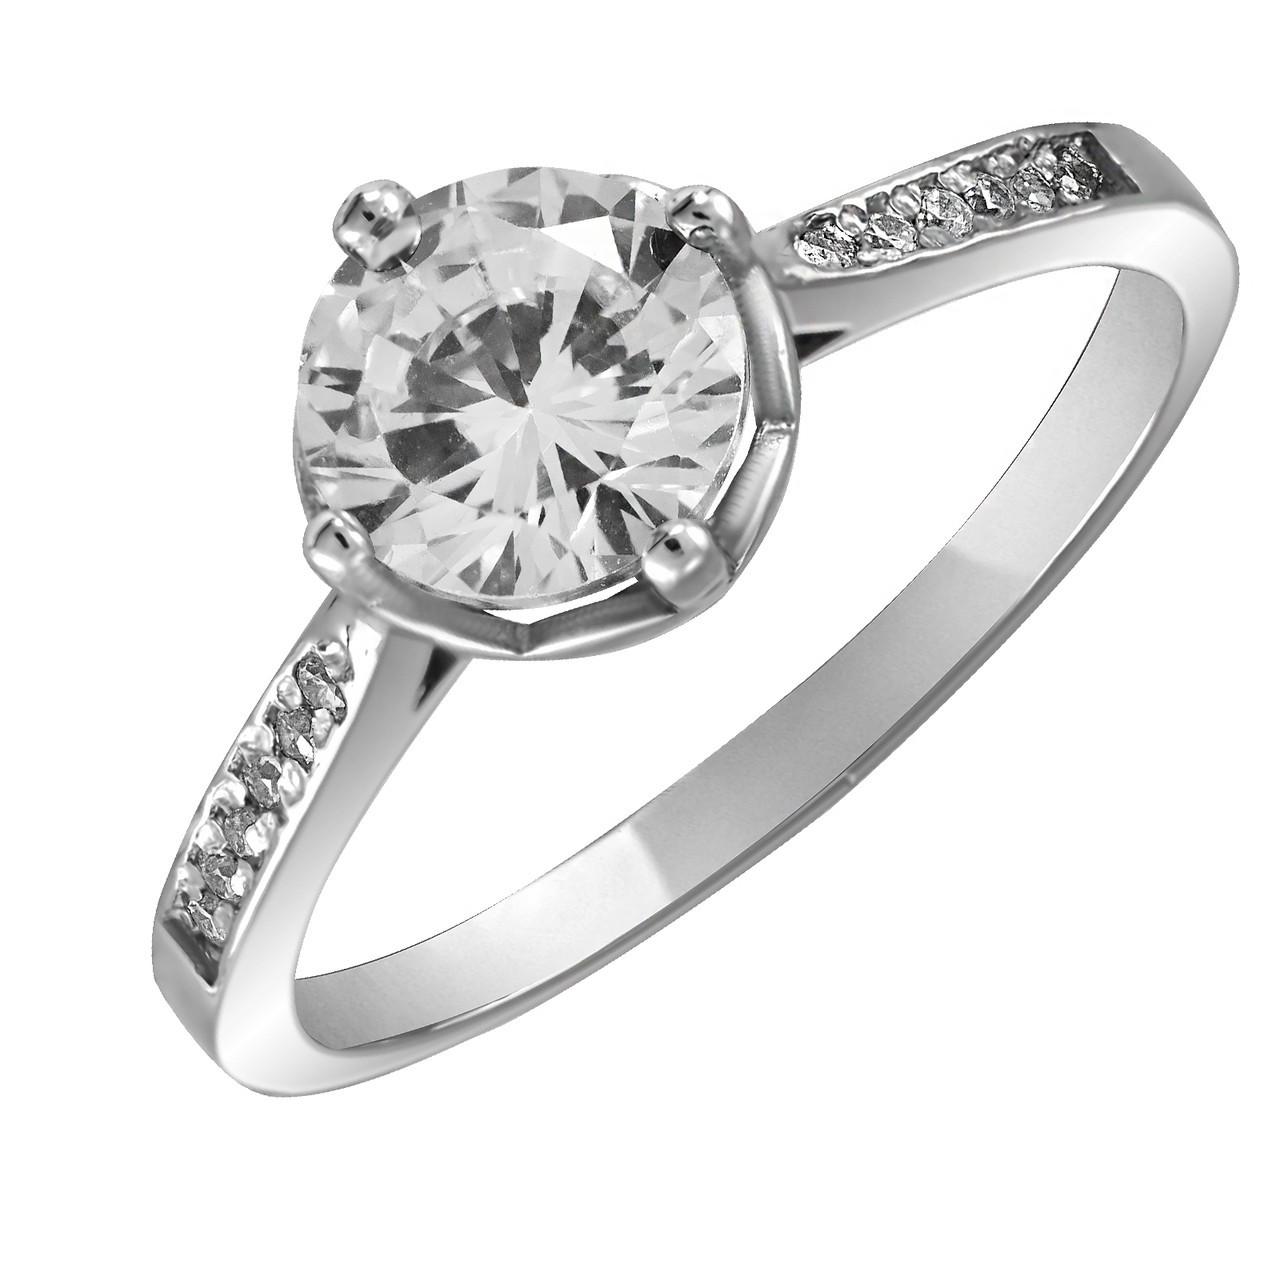 Кольцо из серебра с цирконием Twiddle Jewelry 21.0 (К016-21.0)